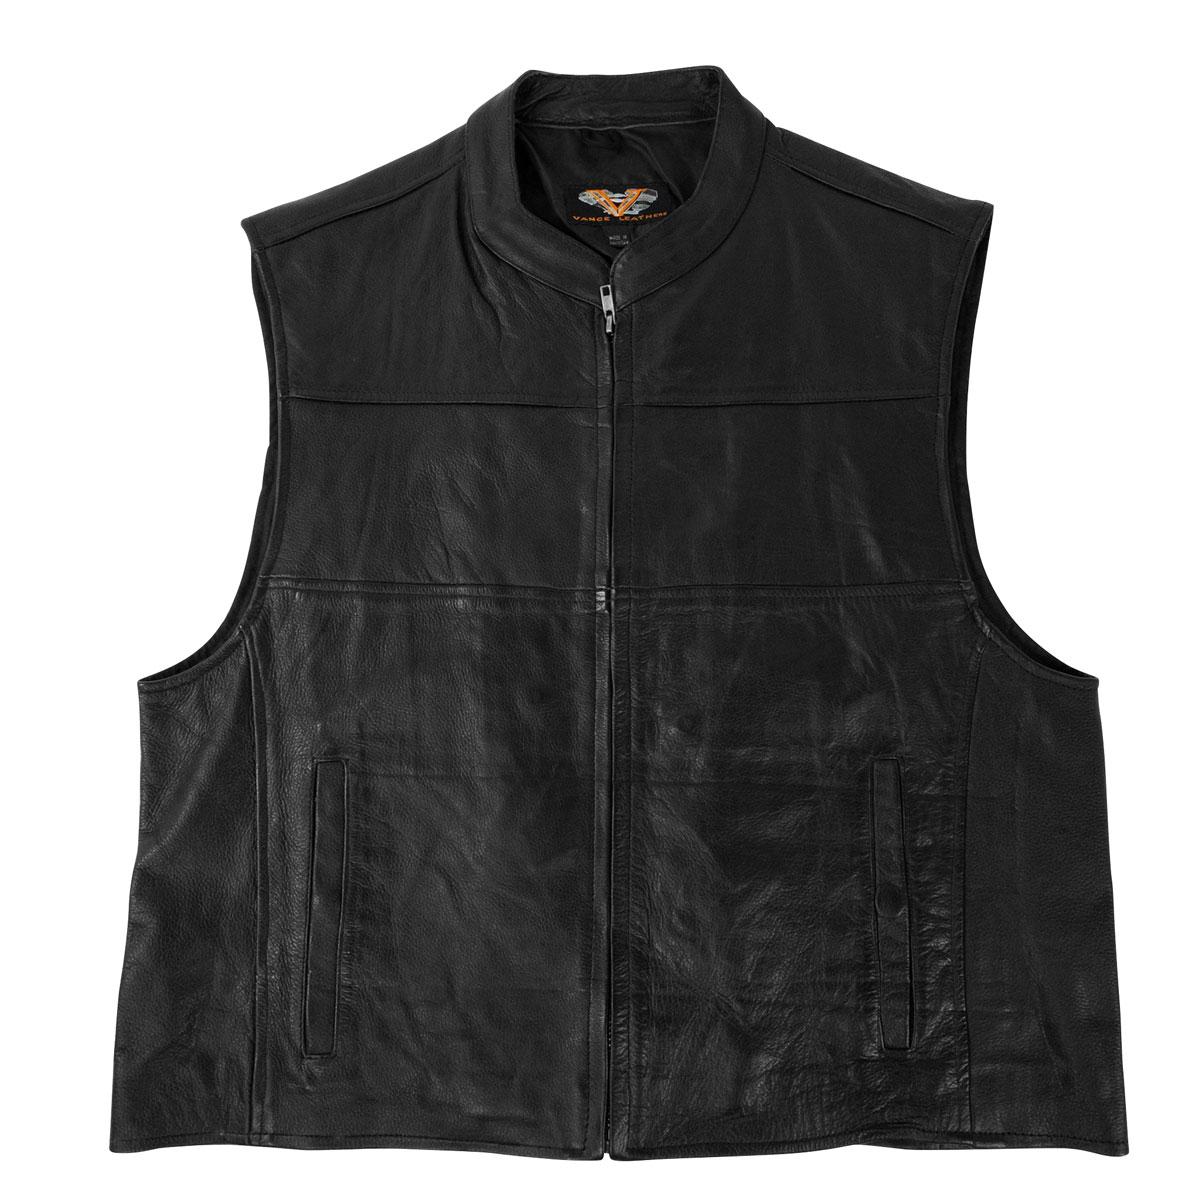 Vance Leathers Men's Zip Front Black Leather Vest